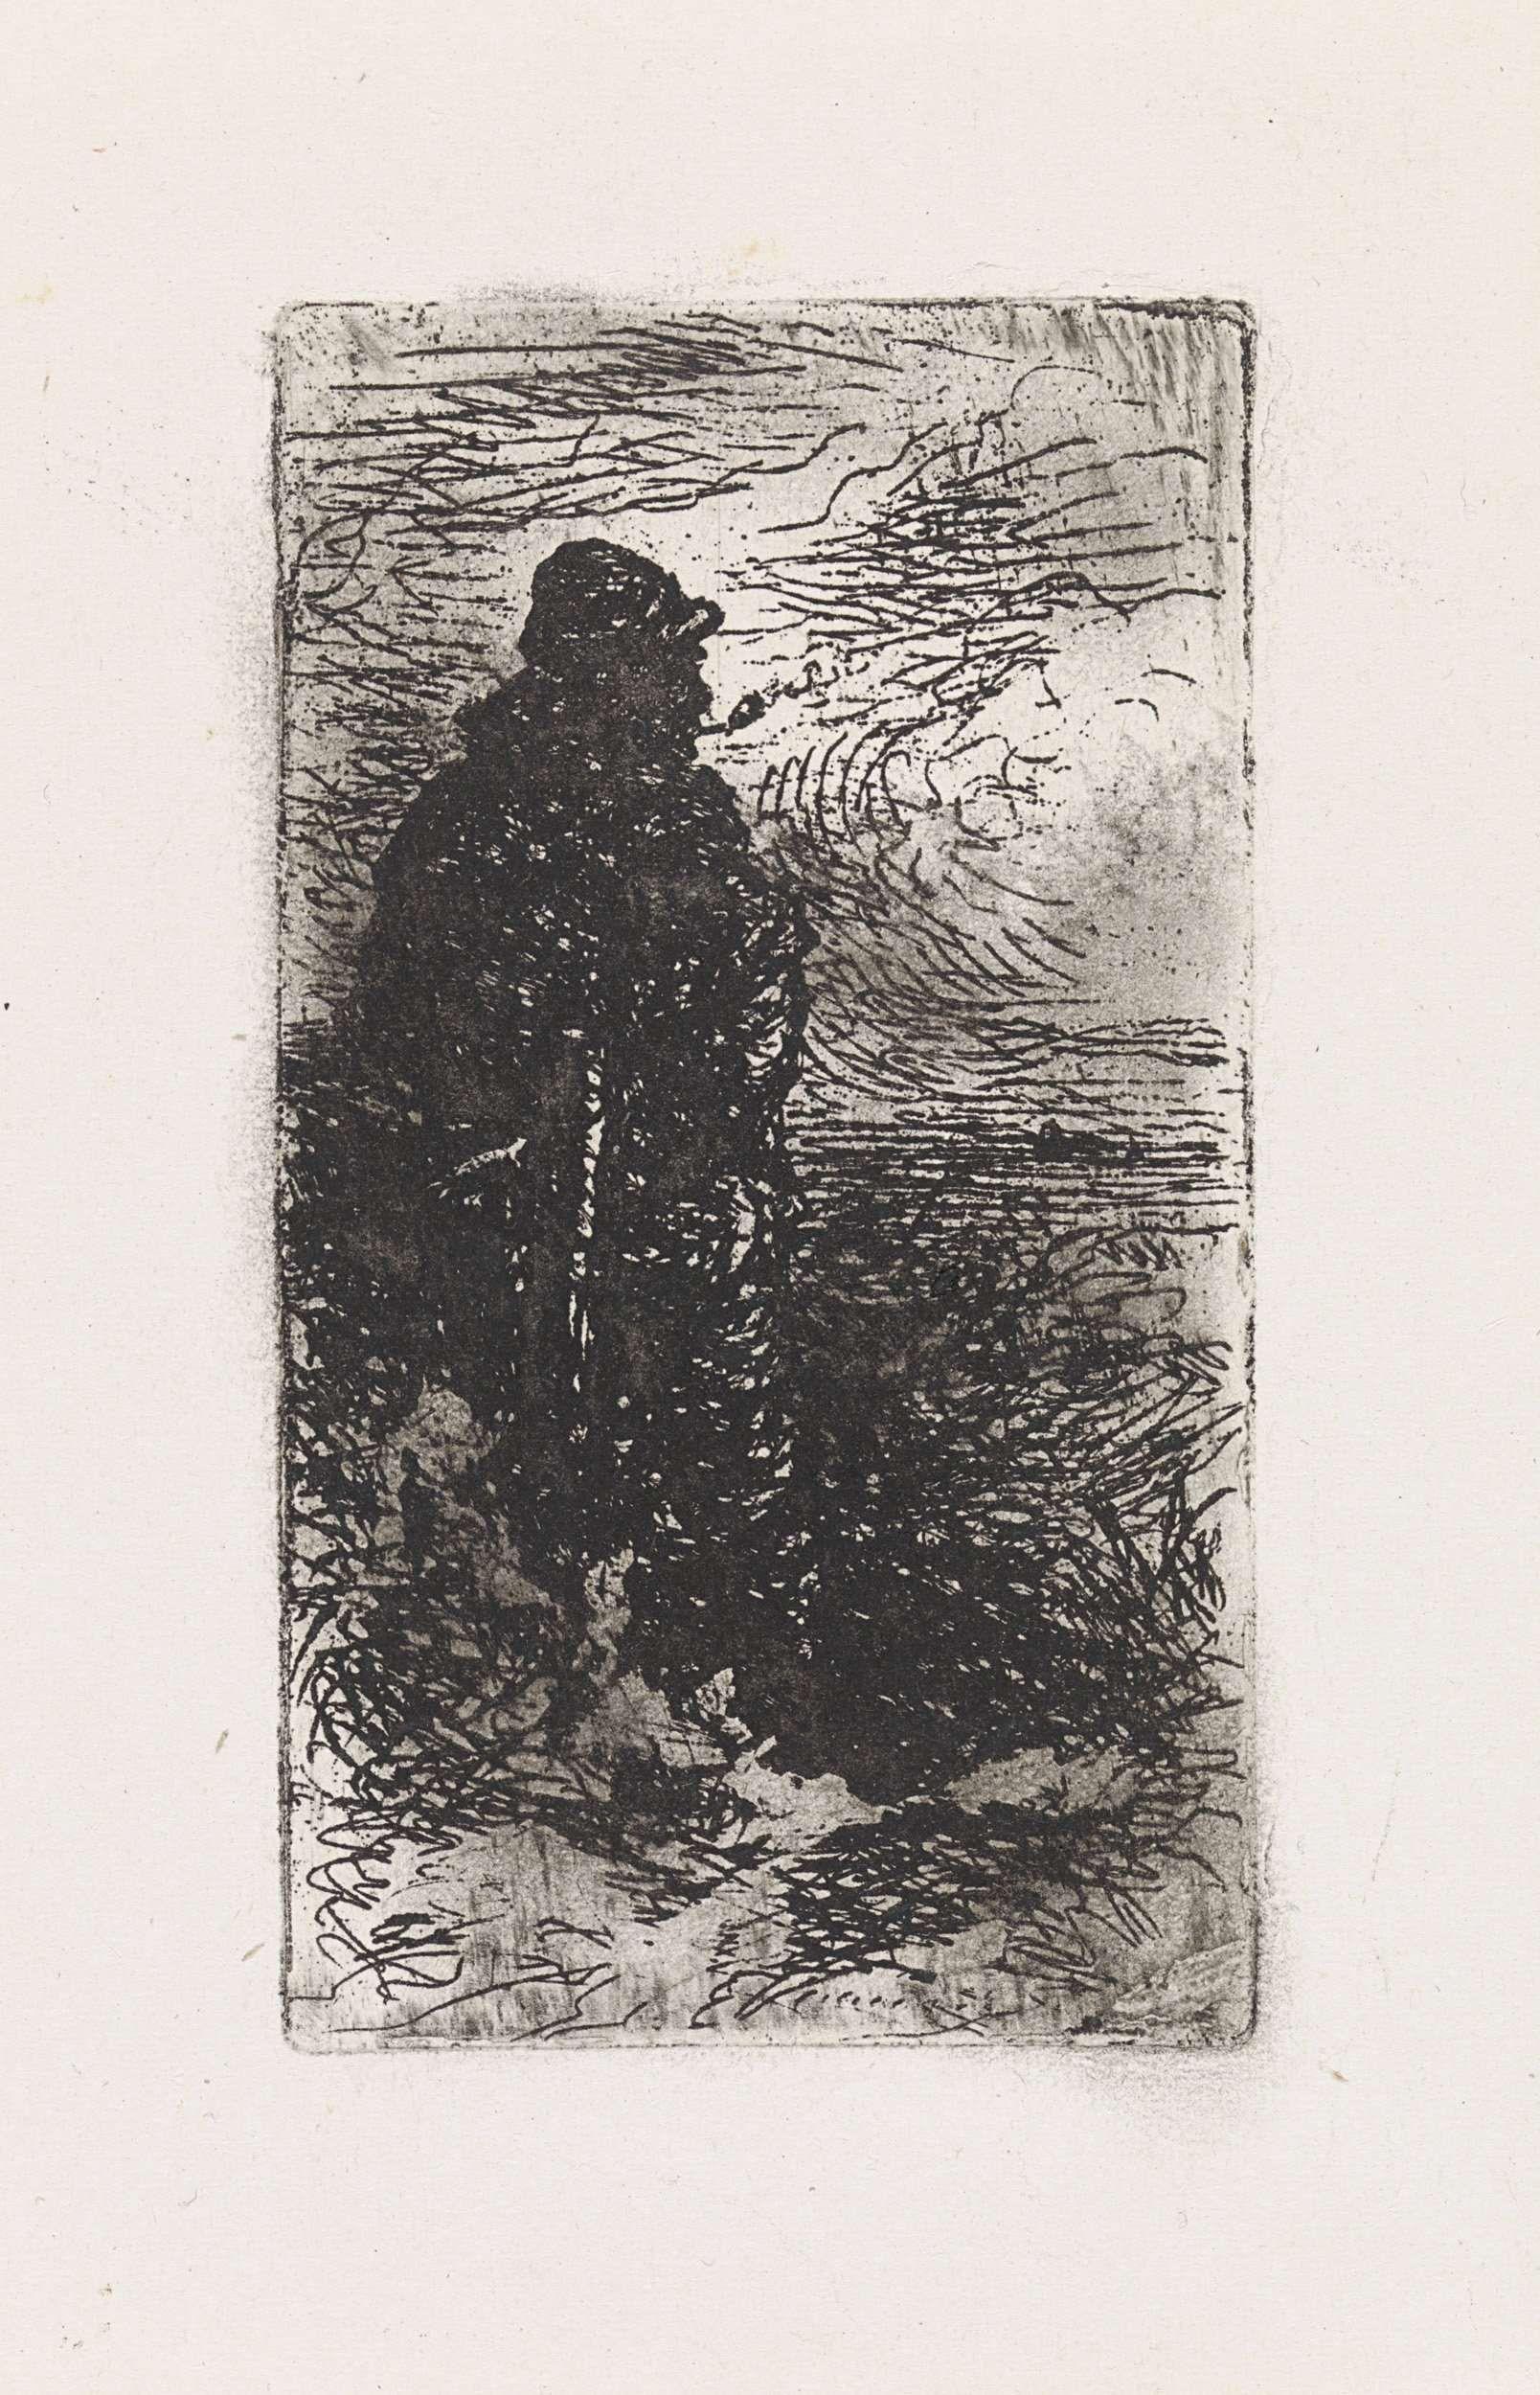 Elchanon Verveer   Staande visser met pijp, Elchanon Verveer, 1836 - 1900   Een staande visser met pijp bij een kust.